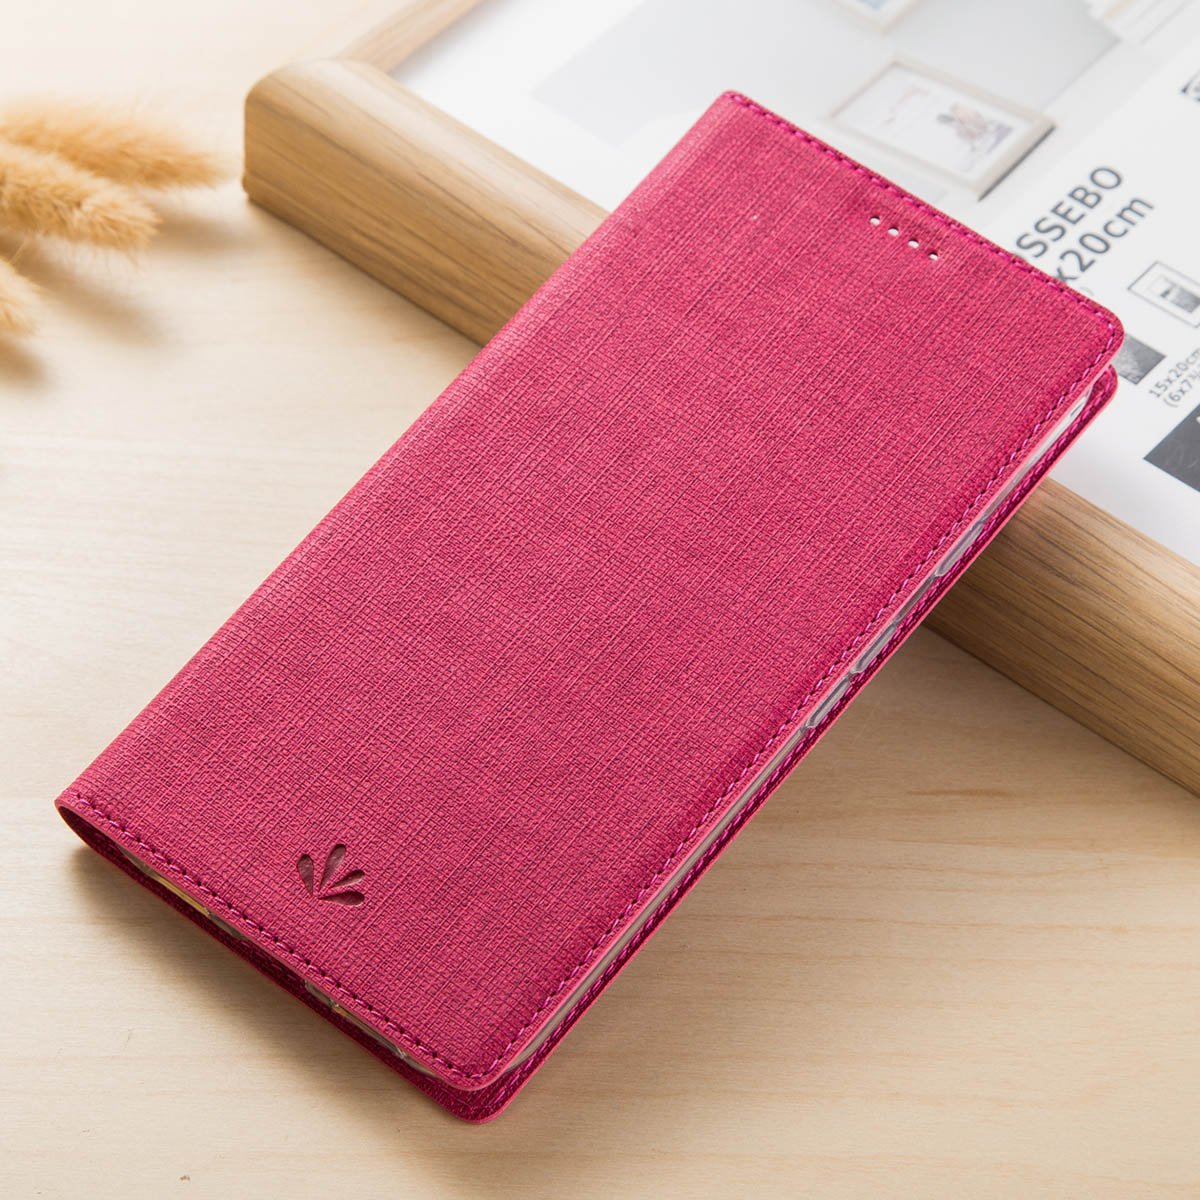 Yoota Custodia Slim Folio Cover per Asus ZenFone 4 Max ZC520KL Bookstyle Flip Case Con Stand 5.2 Inch Cover ZenFone 4 Max ZC520KL Grigio